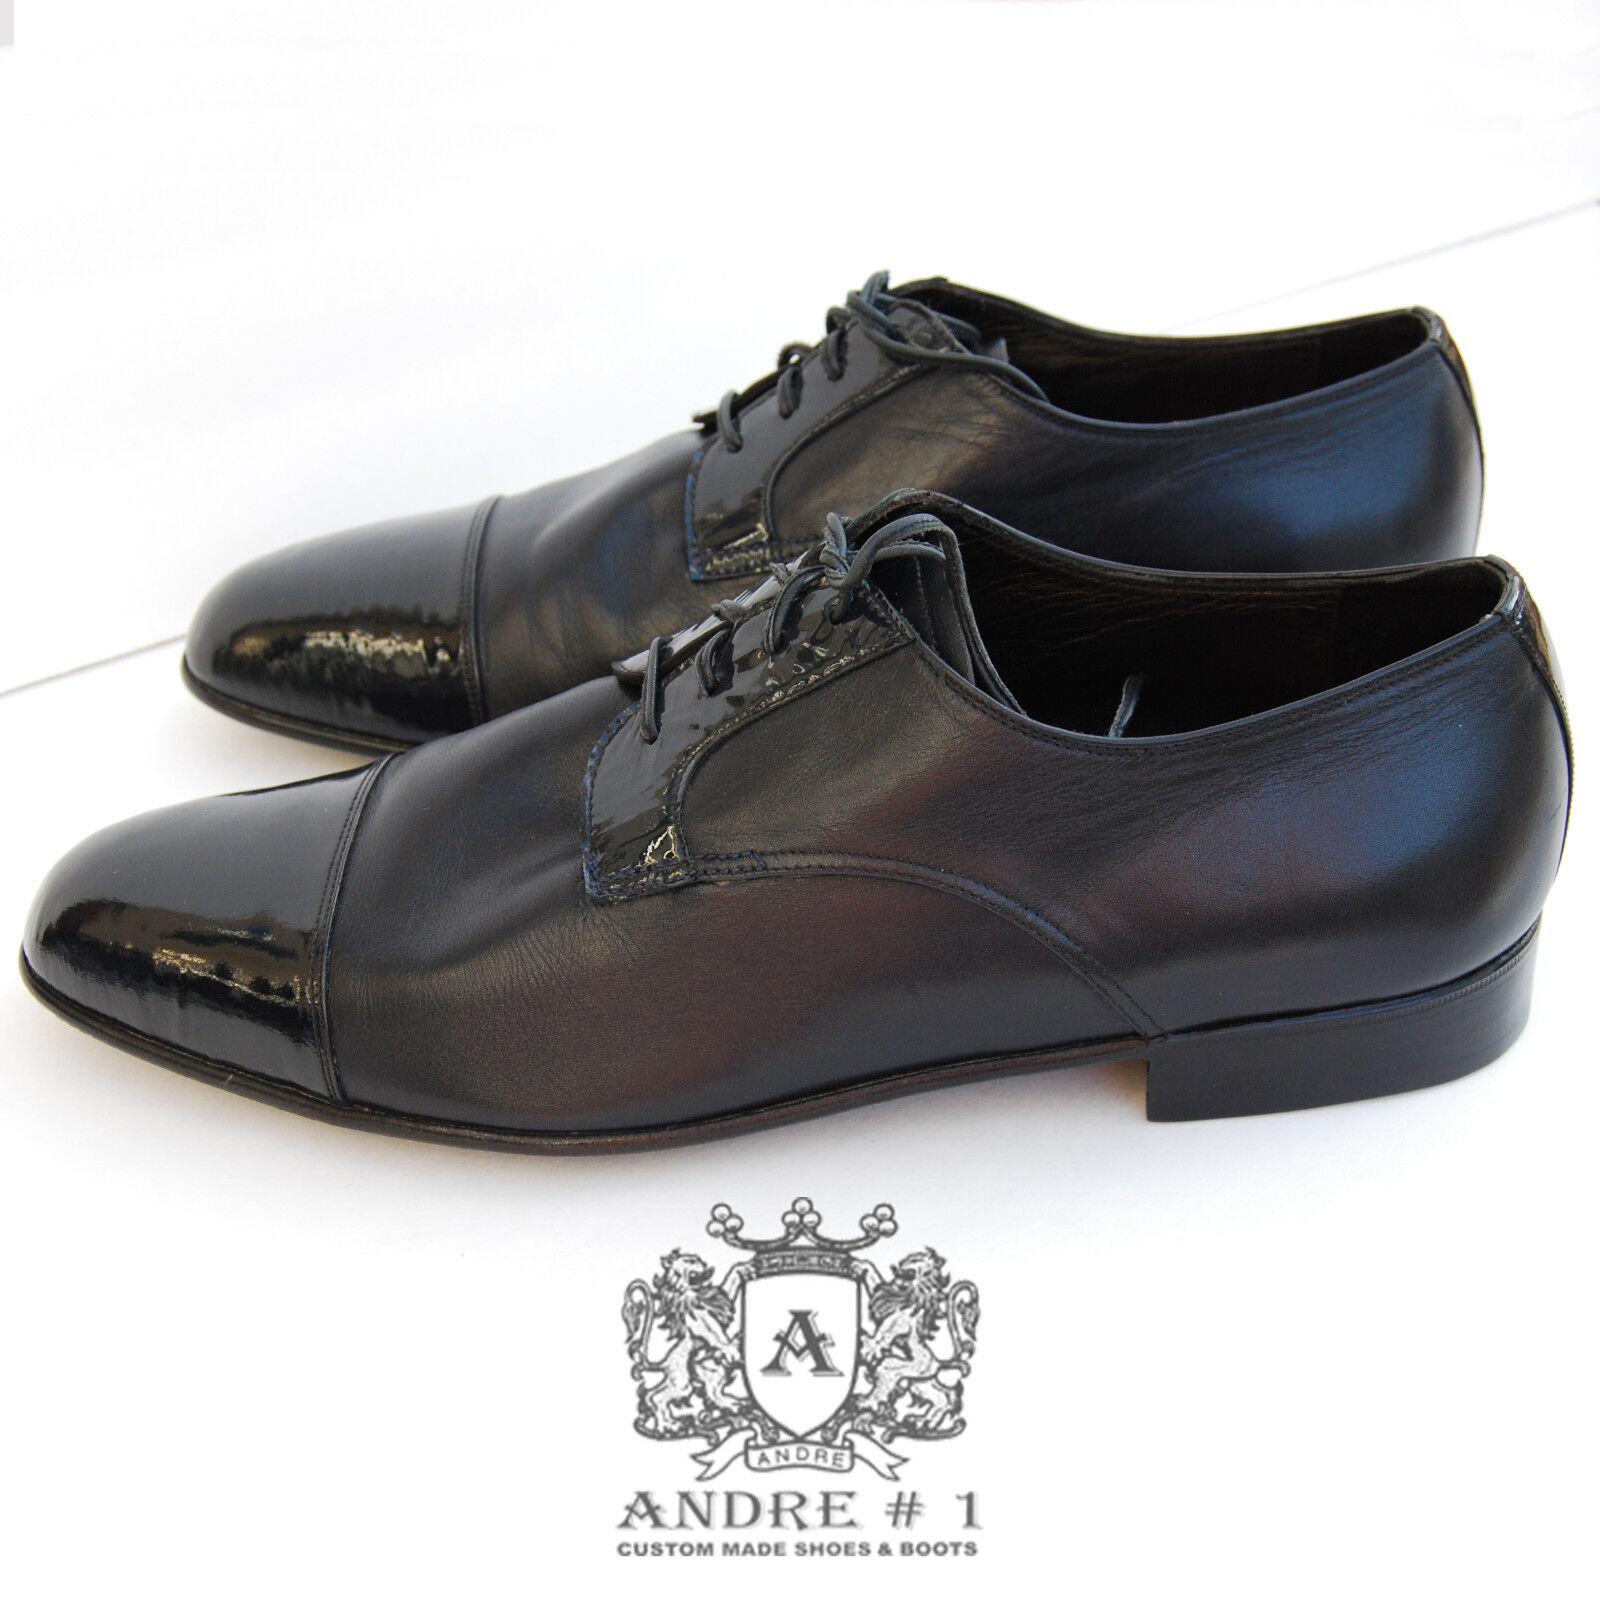 il prezzo più basso ANDRE No. 1 Uomo Patent Patent Patent Cowhide Leather Dress scarpe, Sz 11 NEW, Handmade USA  nuovo di marca